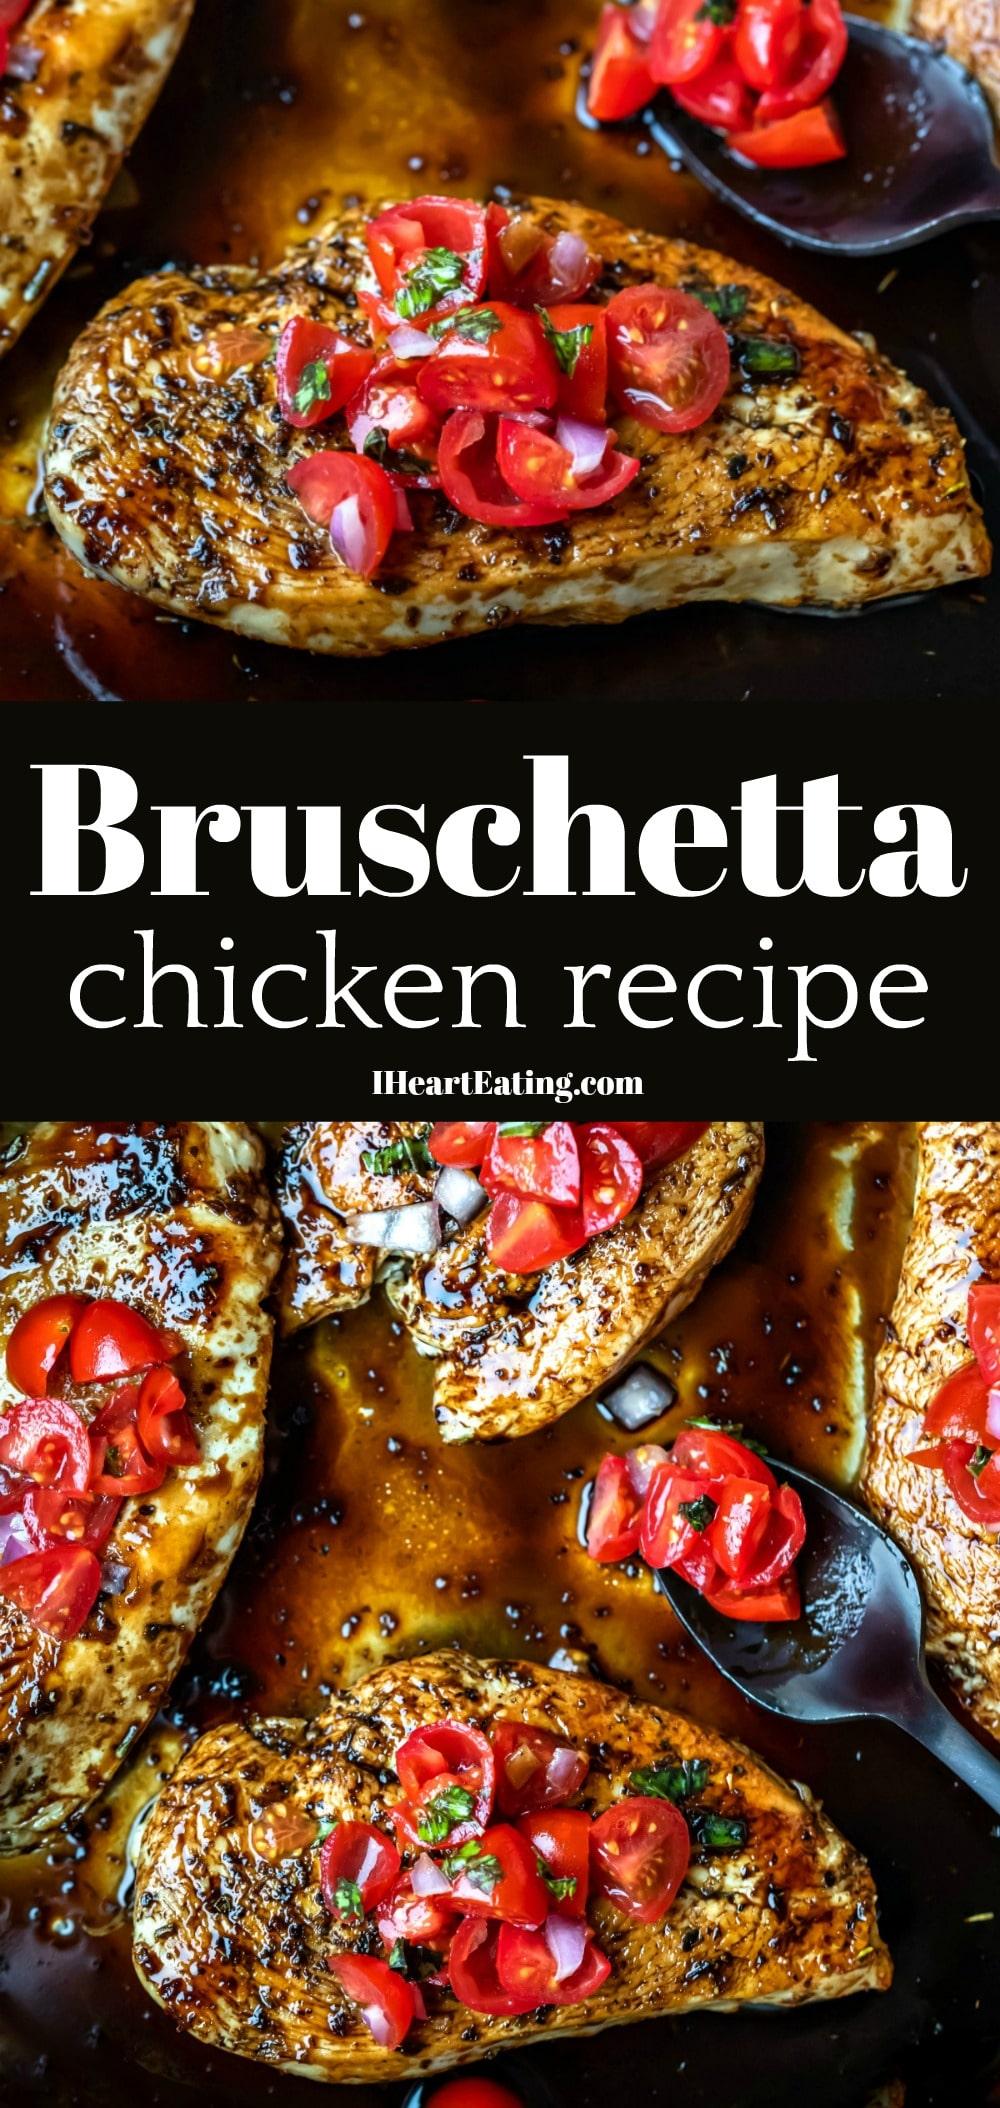 Bruschetta Chicken Recipe Bruschetta chicken, Easy